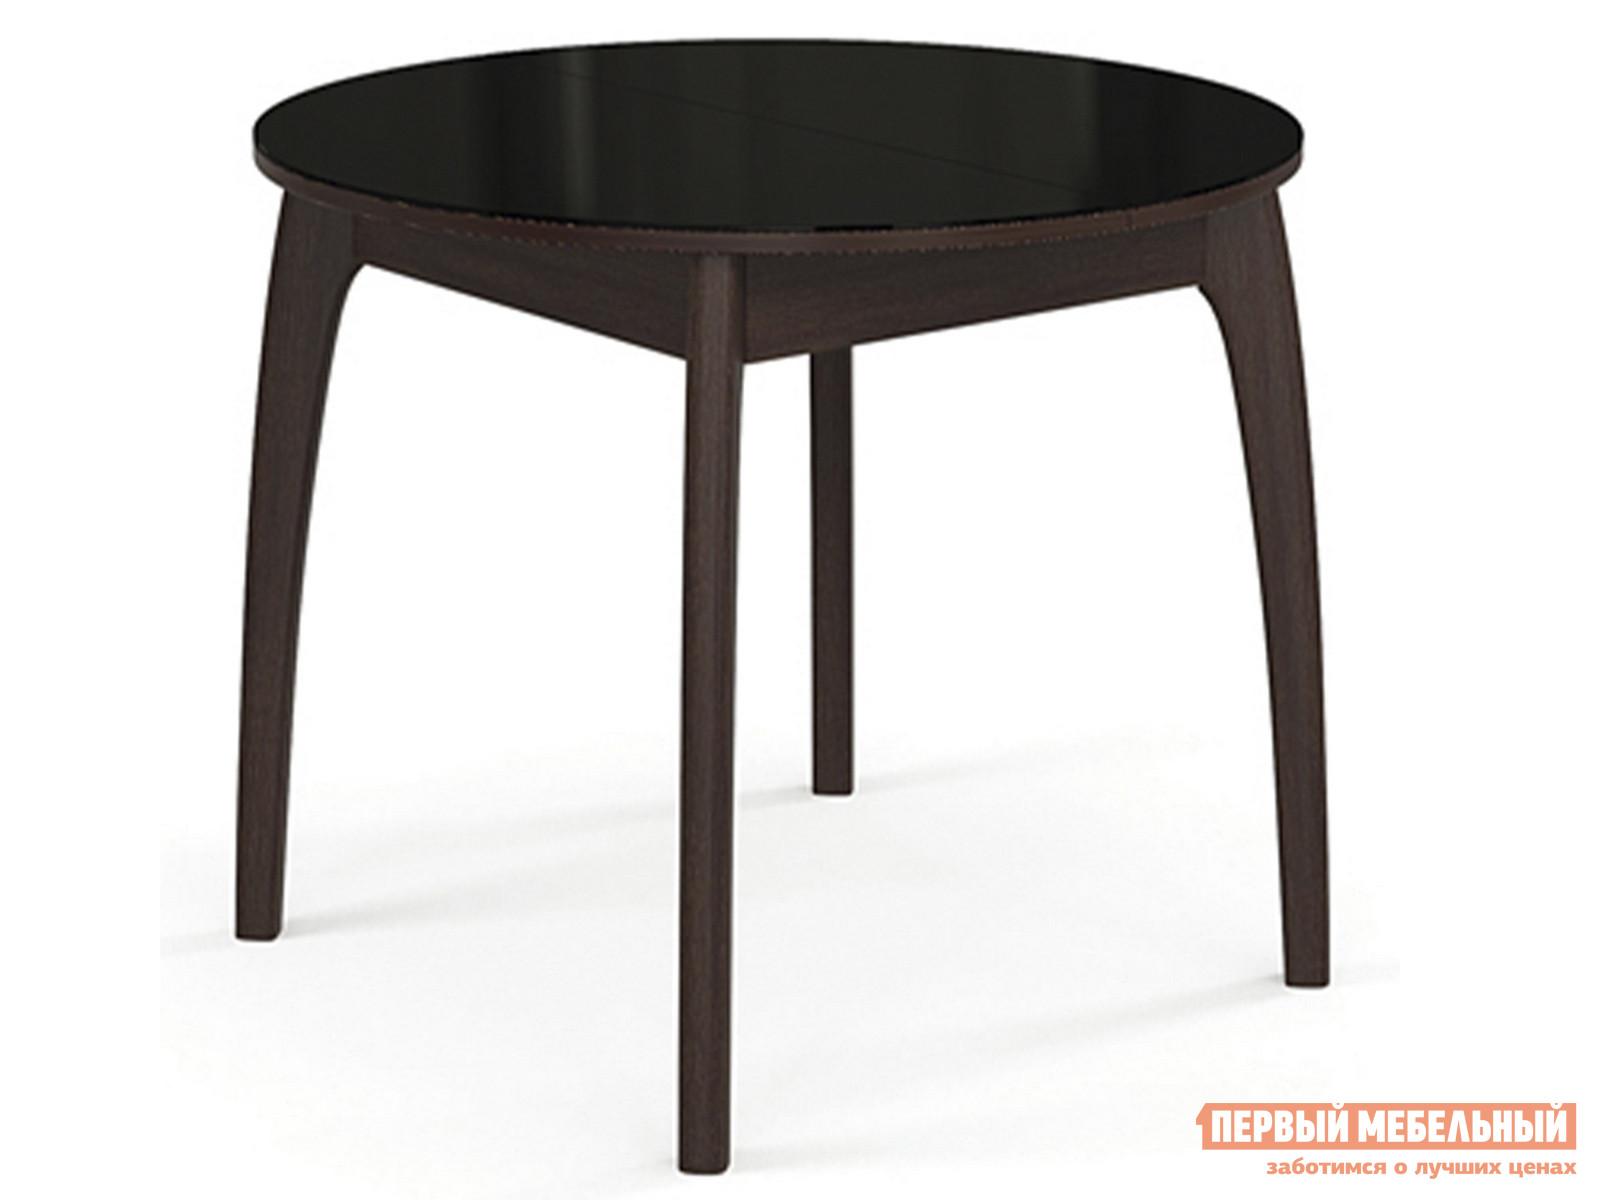 Кухонный стол  №46 ДН4 (круглый) Венге / Стекло черное ДИК 59604